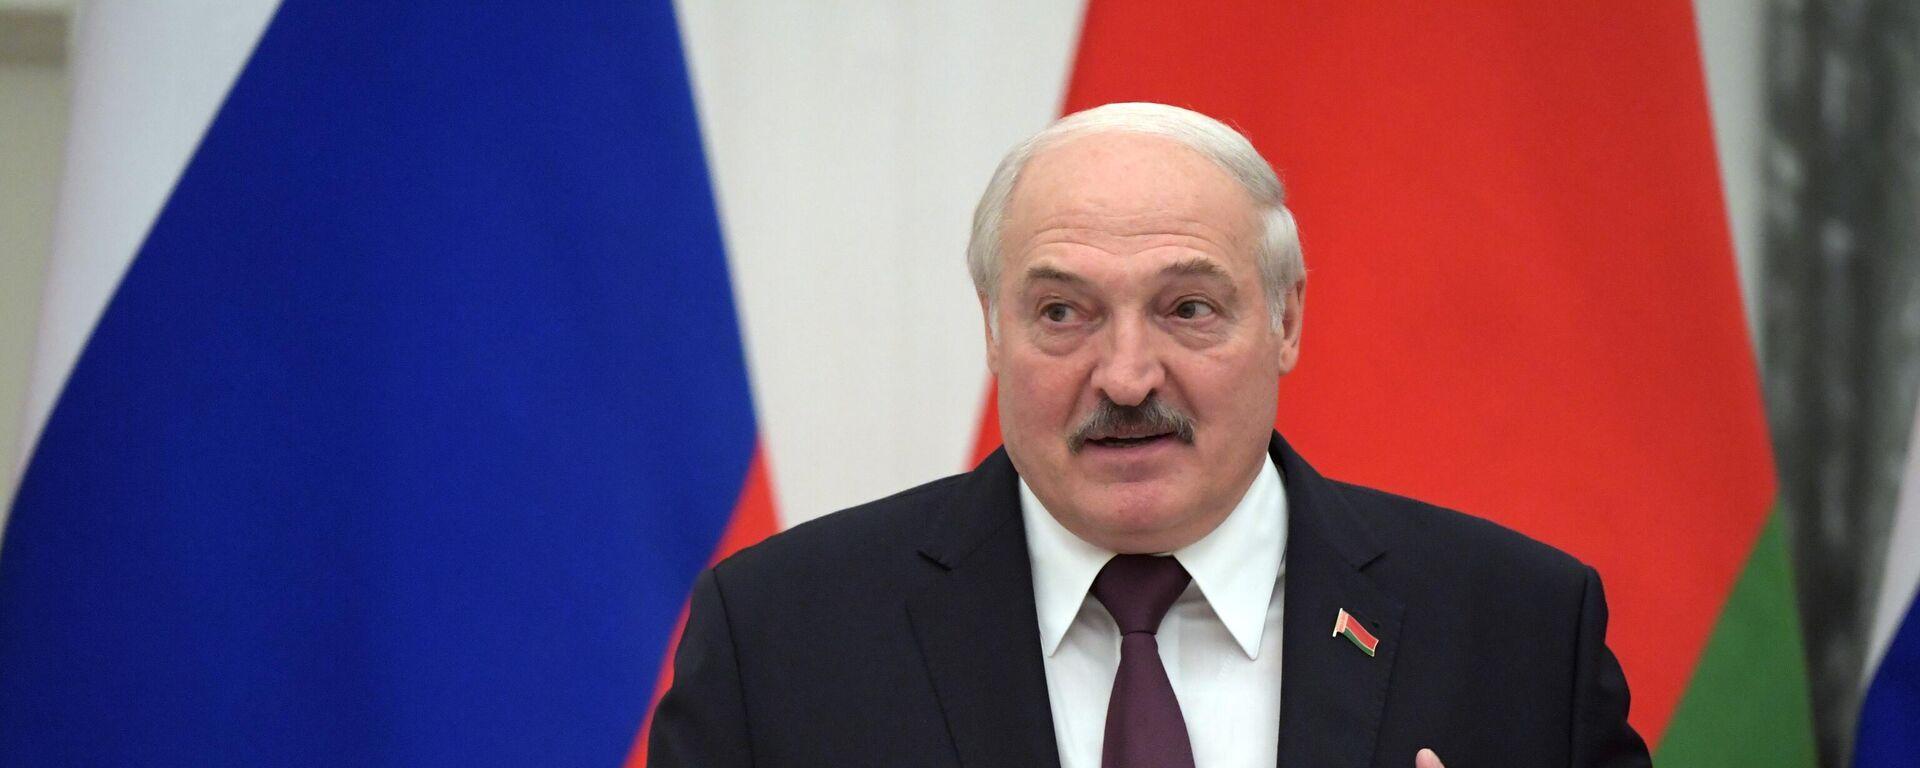 Predsednik Belorusije Aleksandar Lukašenko - Sputnik Srbija, 1920, 12.09.2021